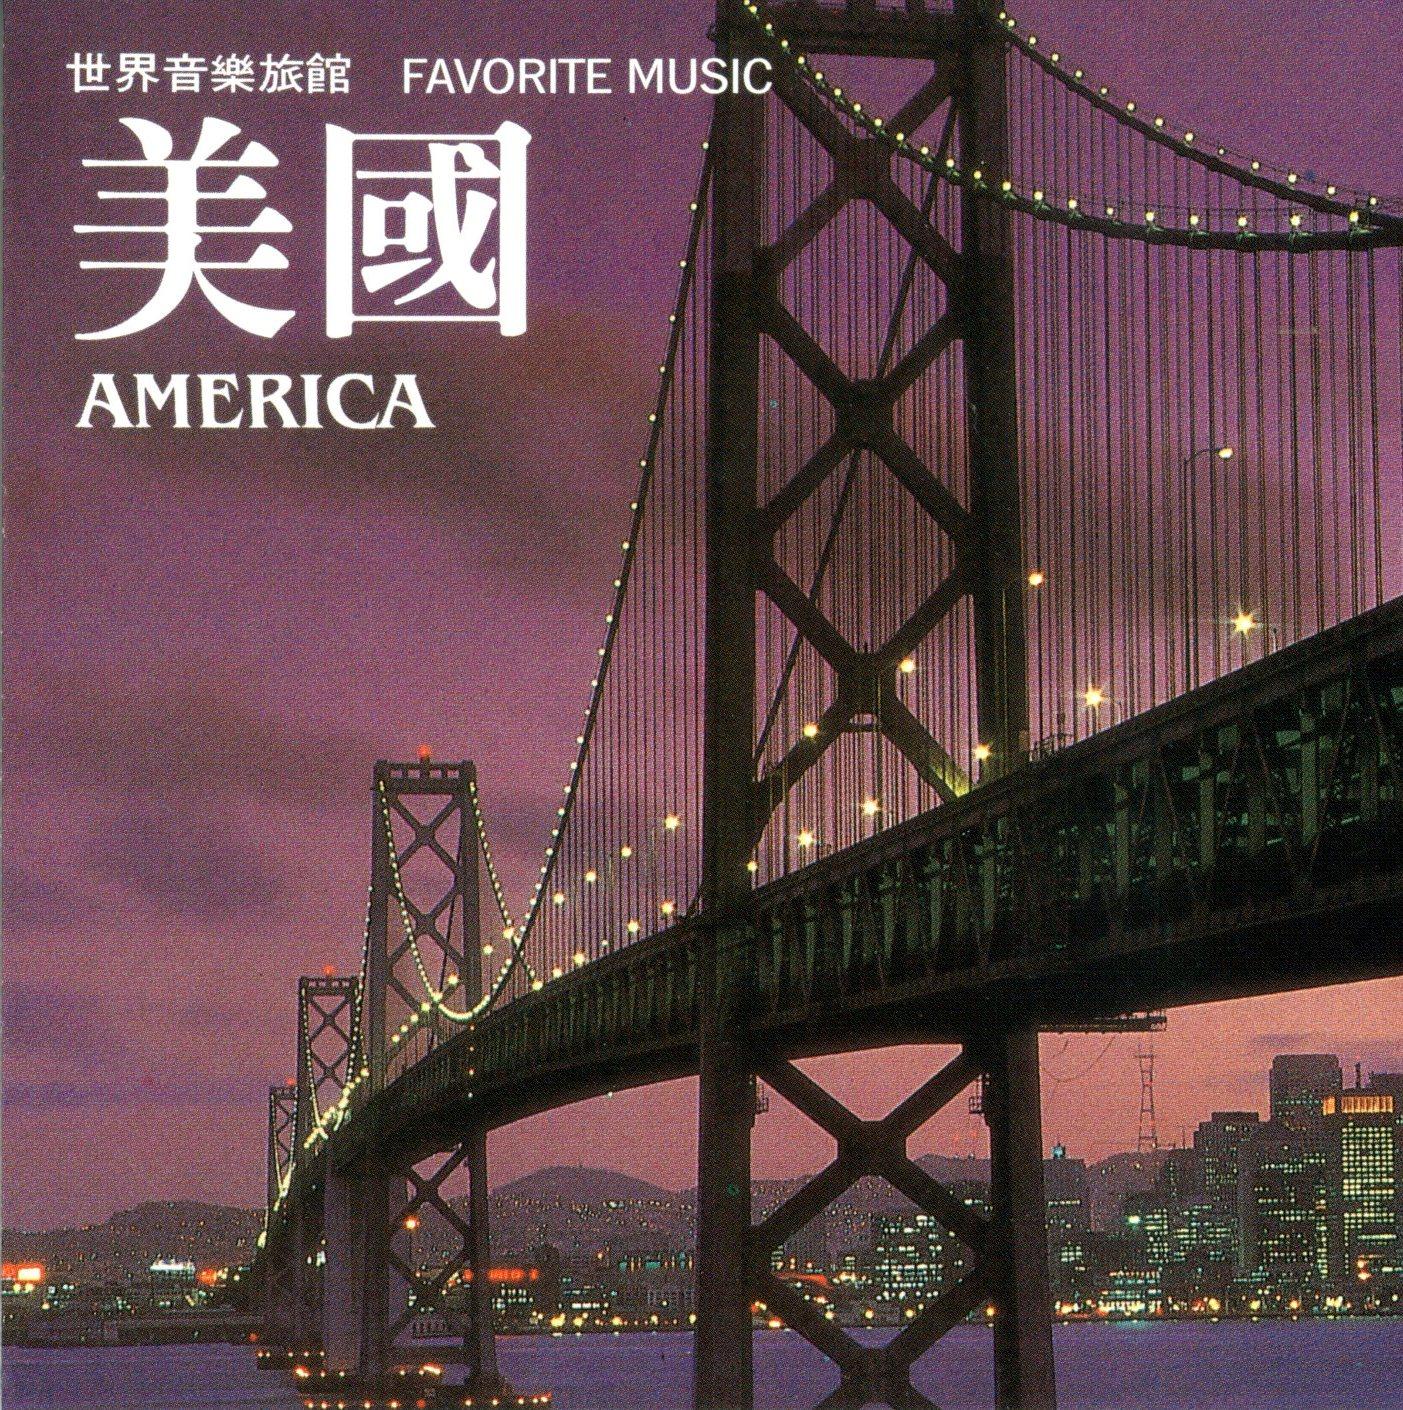 世界音樂旅館 美國 = America